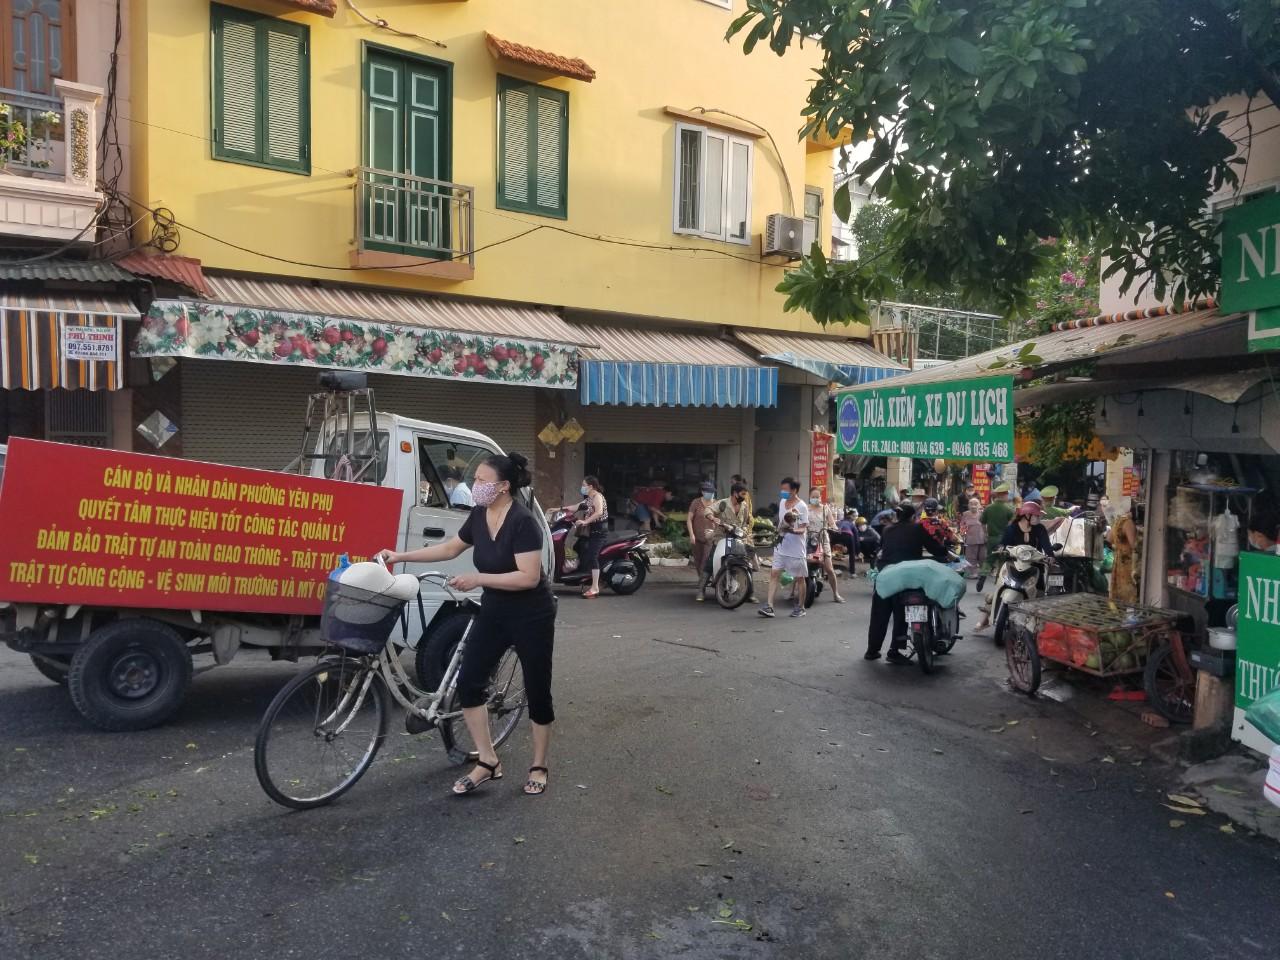 Dân Hà Nội đi chợ kiểu: 'Chị chả cần tích trữ, ngày nào chị cũng đi chợ' - Ảnh 4.